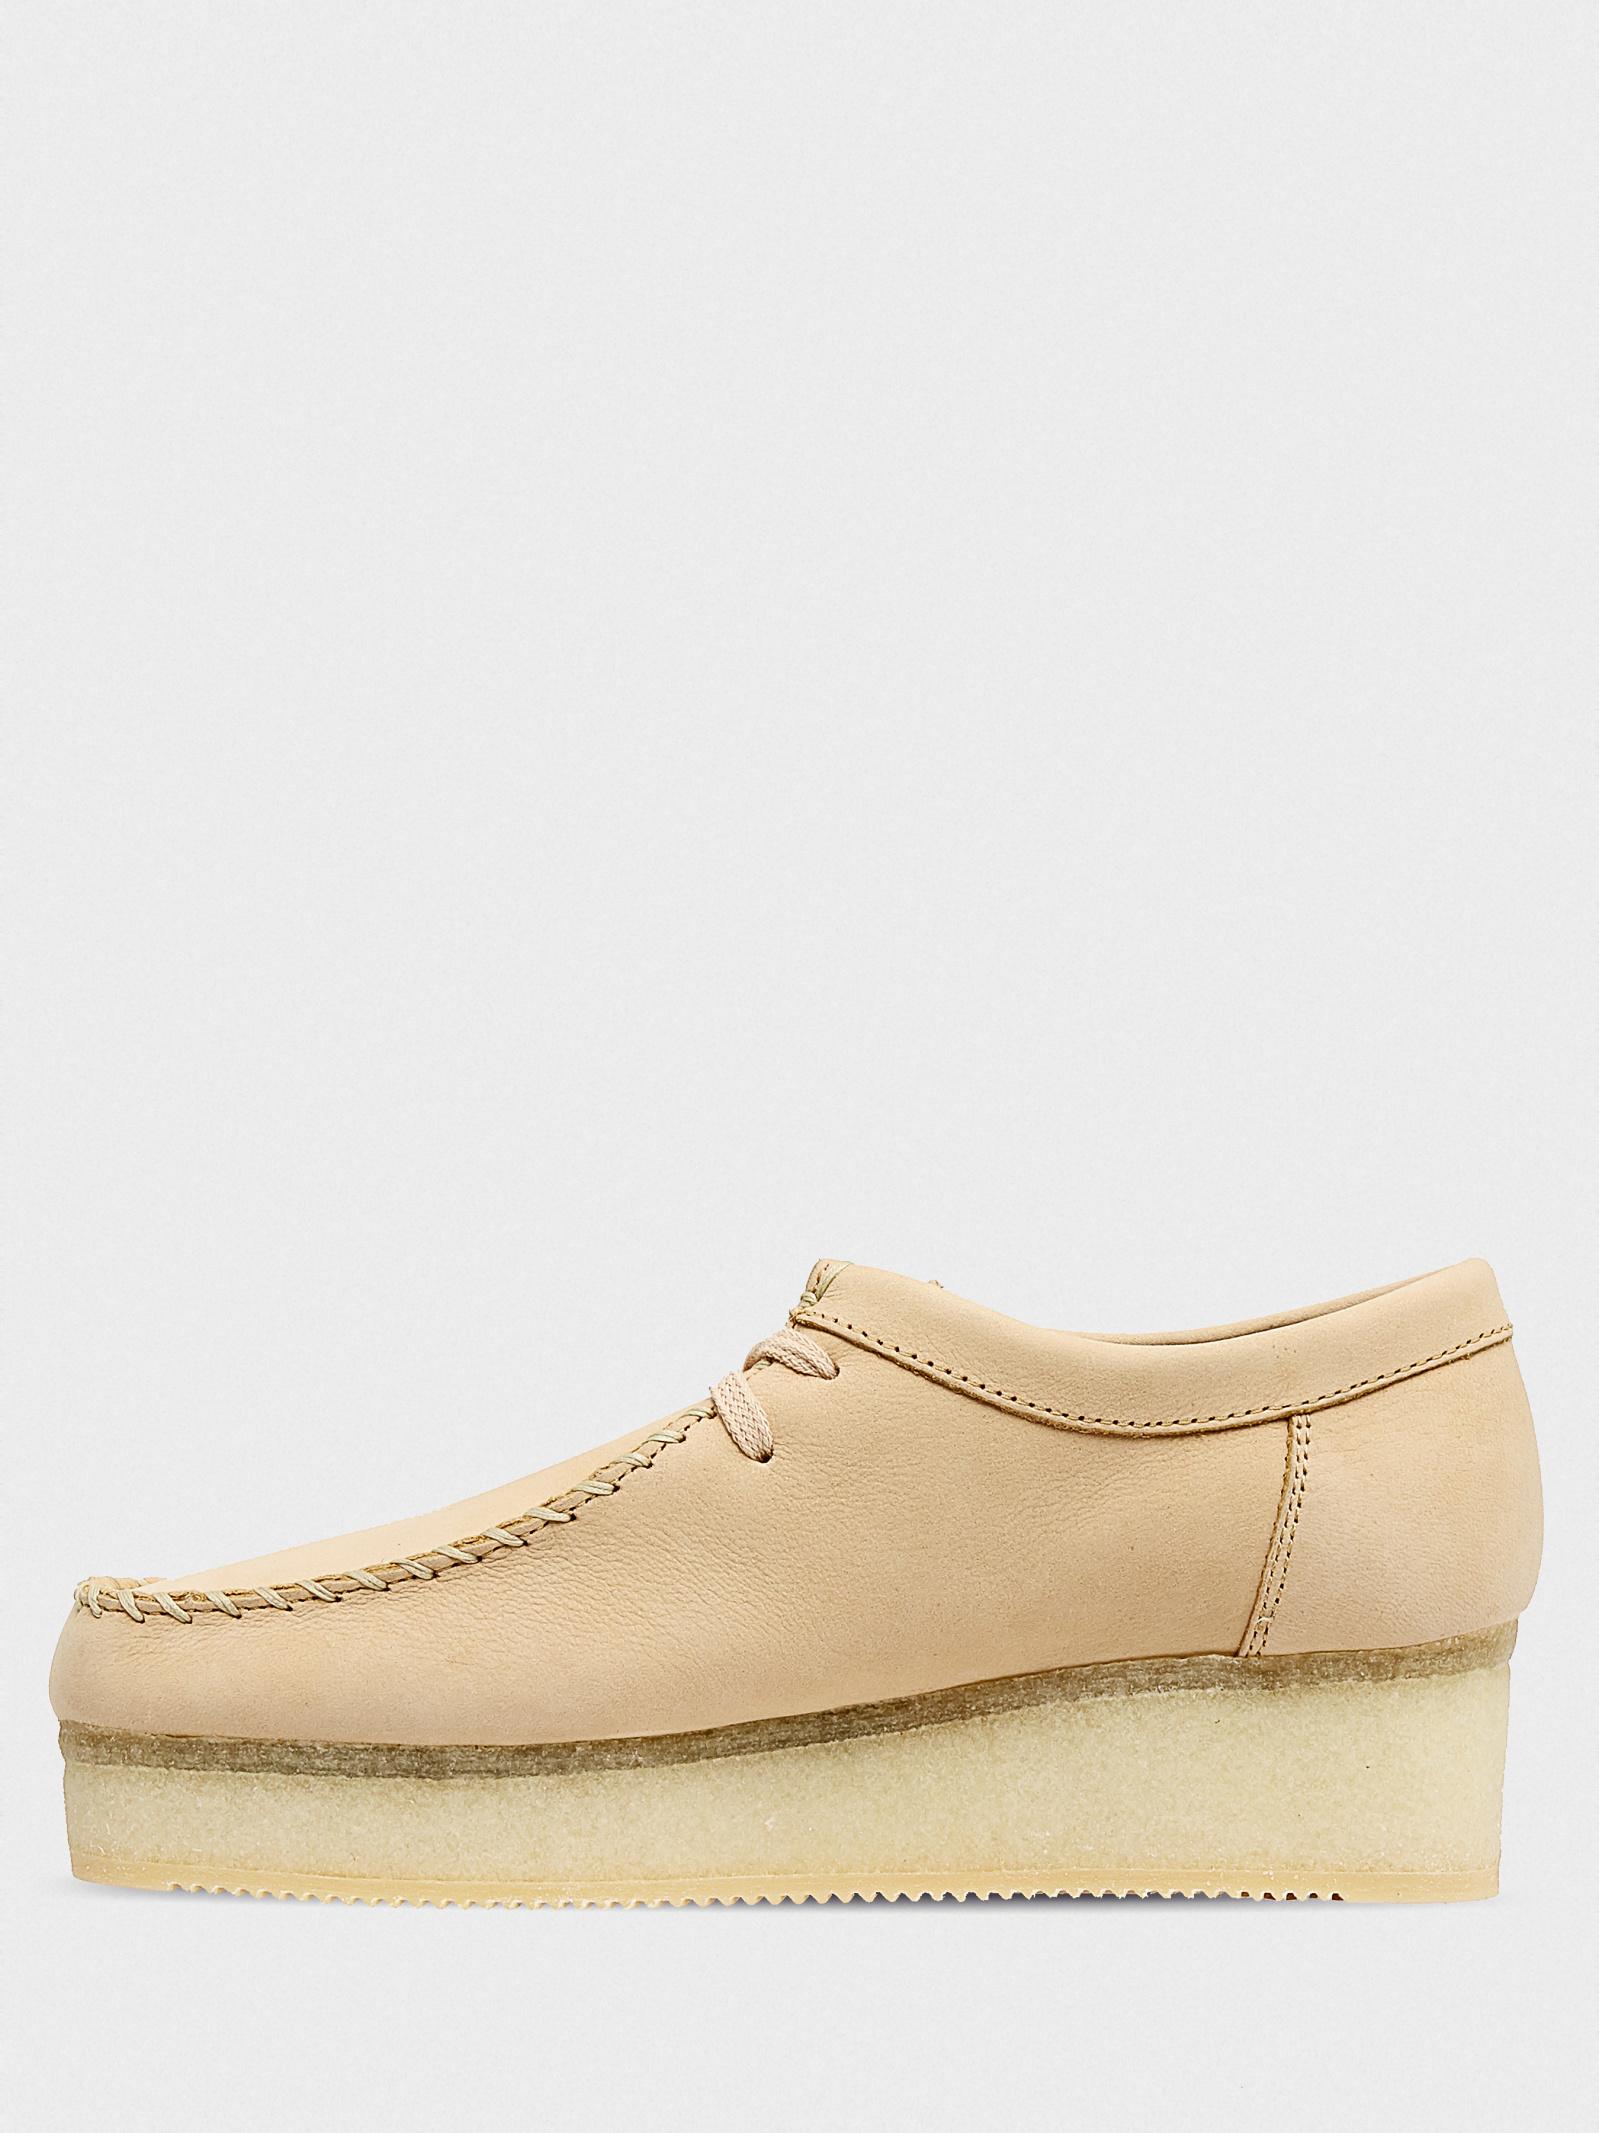 Полуботинки для женщин Clarks Wallacraft Lo 2614-8633 модная обувь, 2017